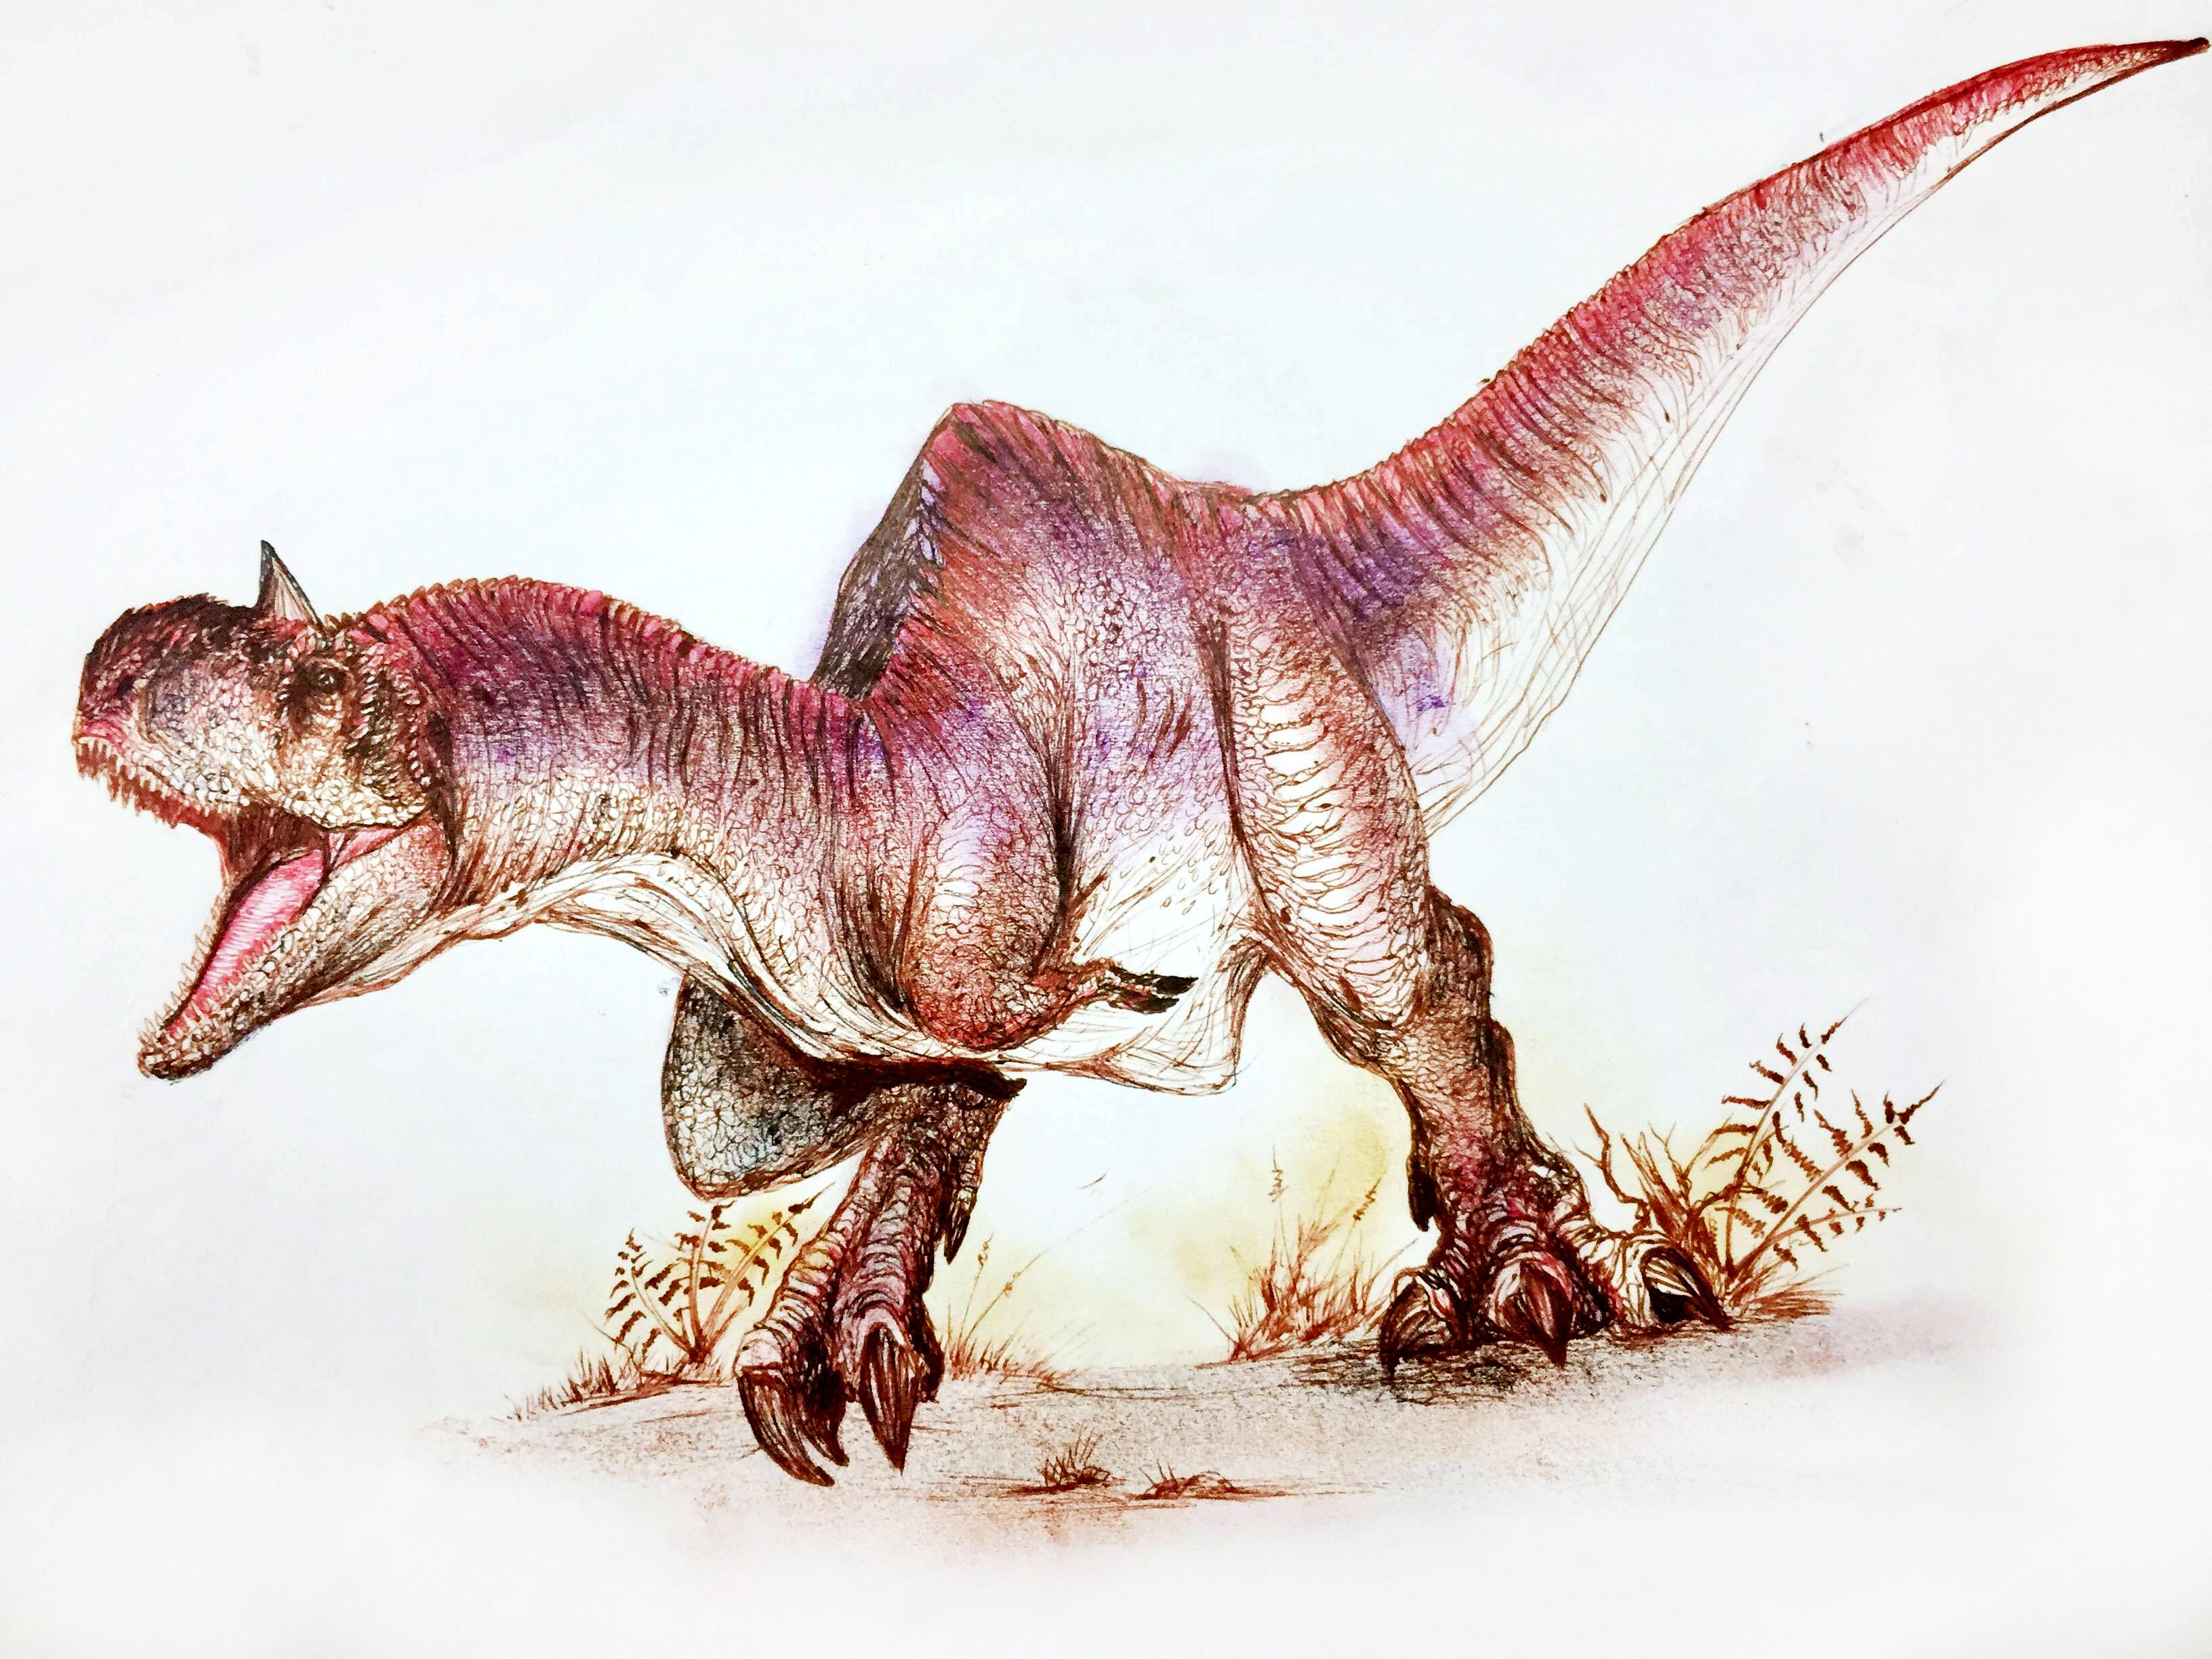 majunggasaurus